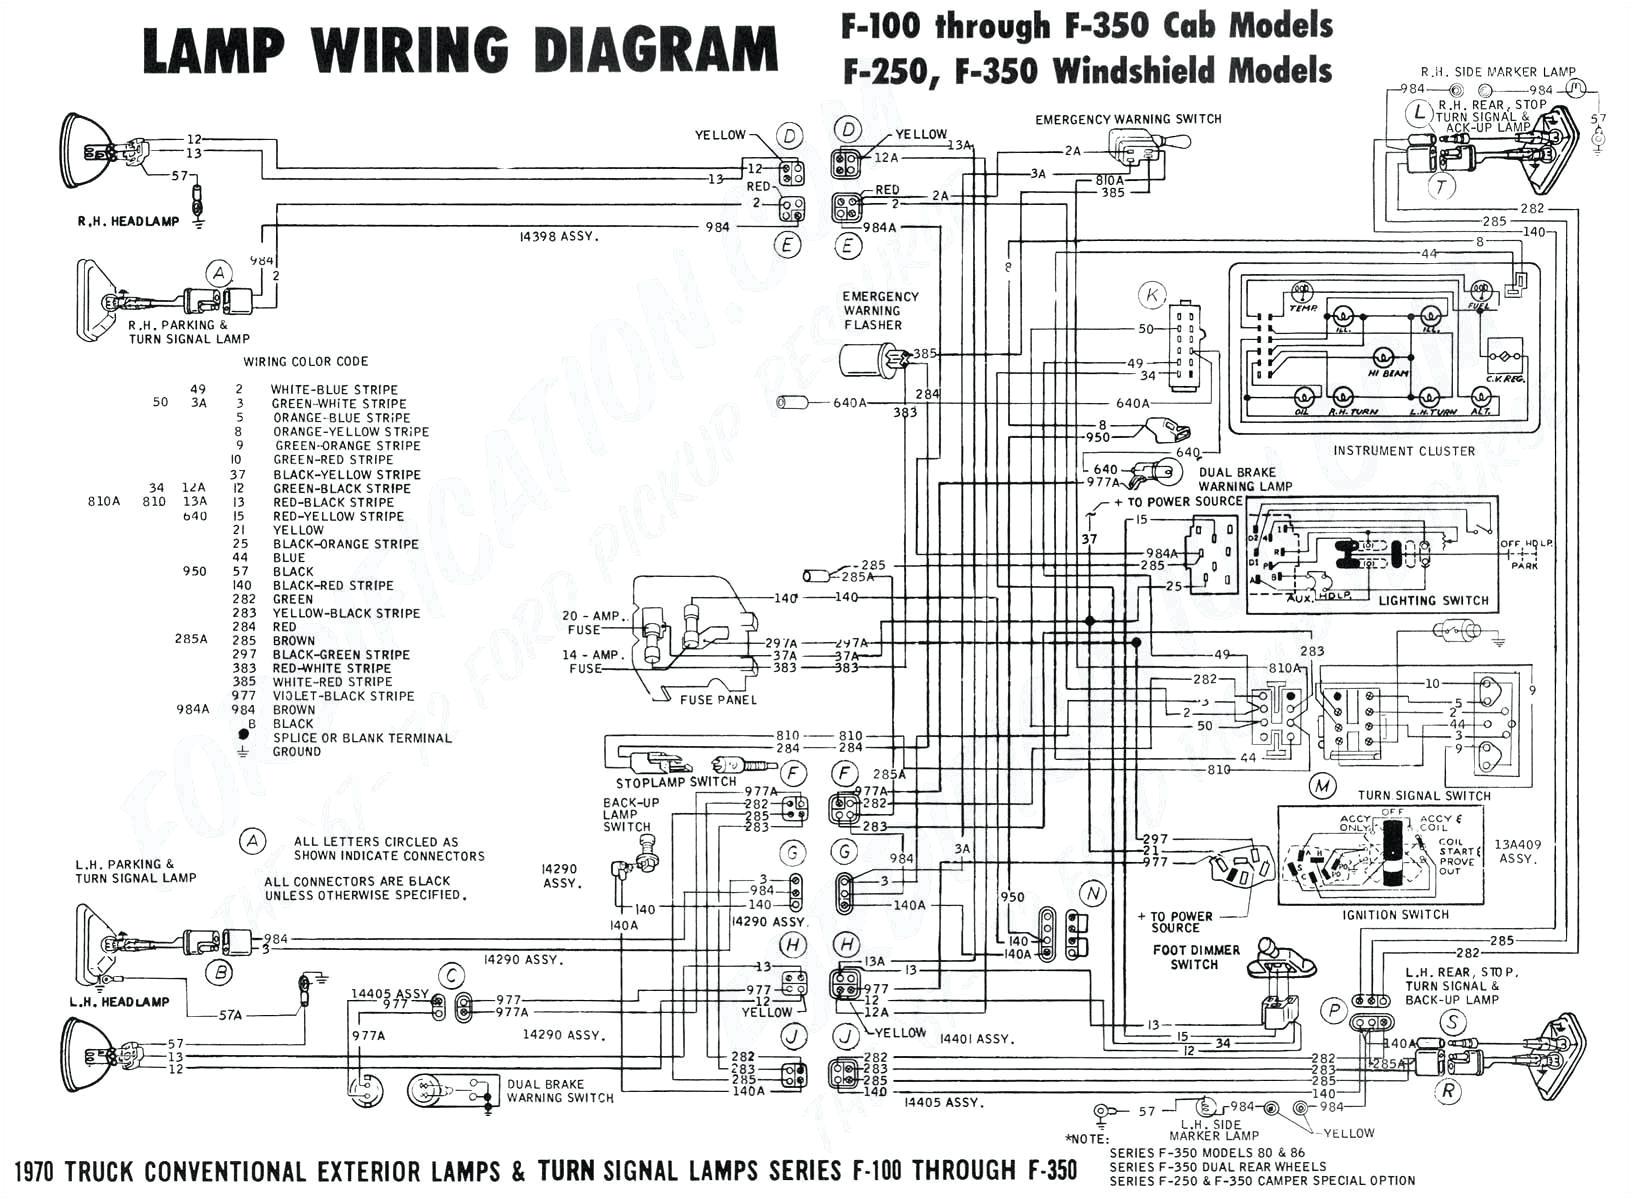 2005 Chevy Cavalier Wiring Diagram 96 Chevy Cavalier Fuse Diagram Wiring Diagram Mega